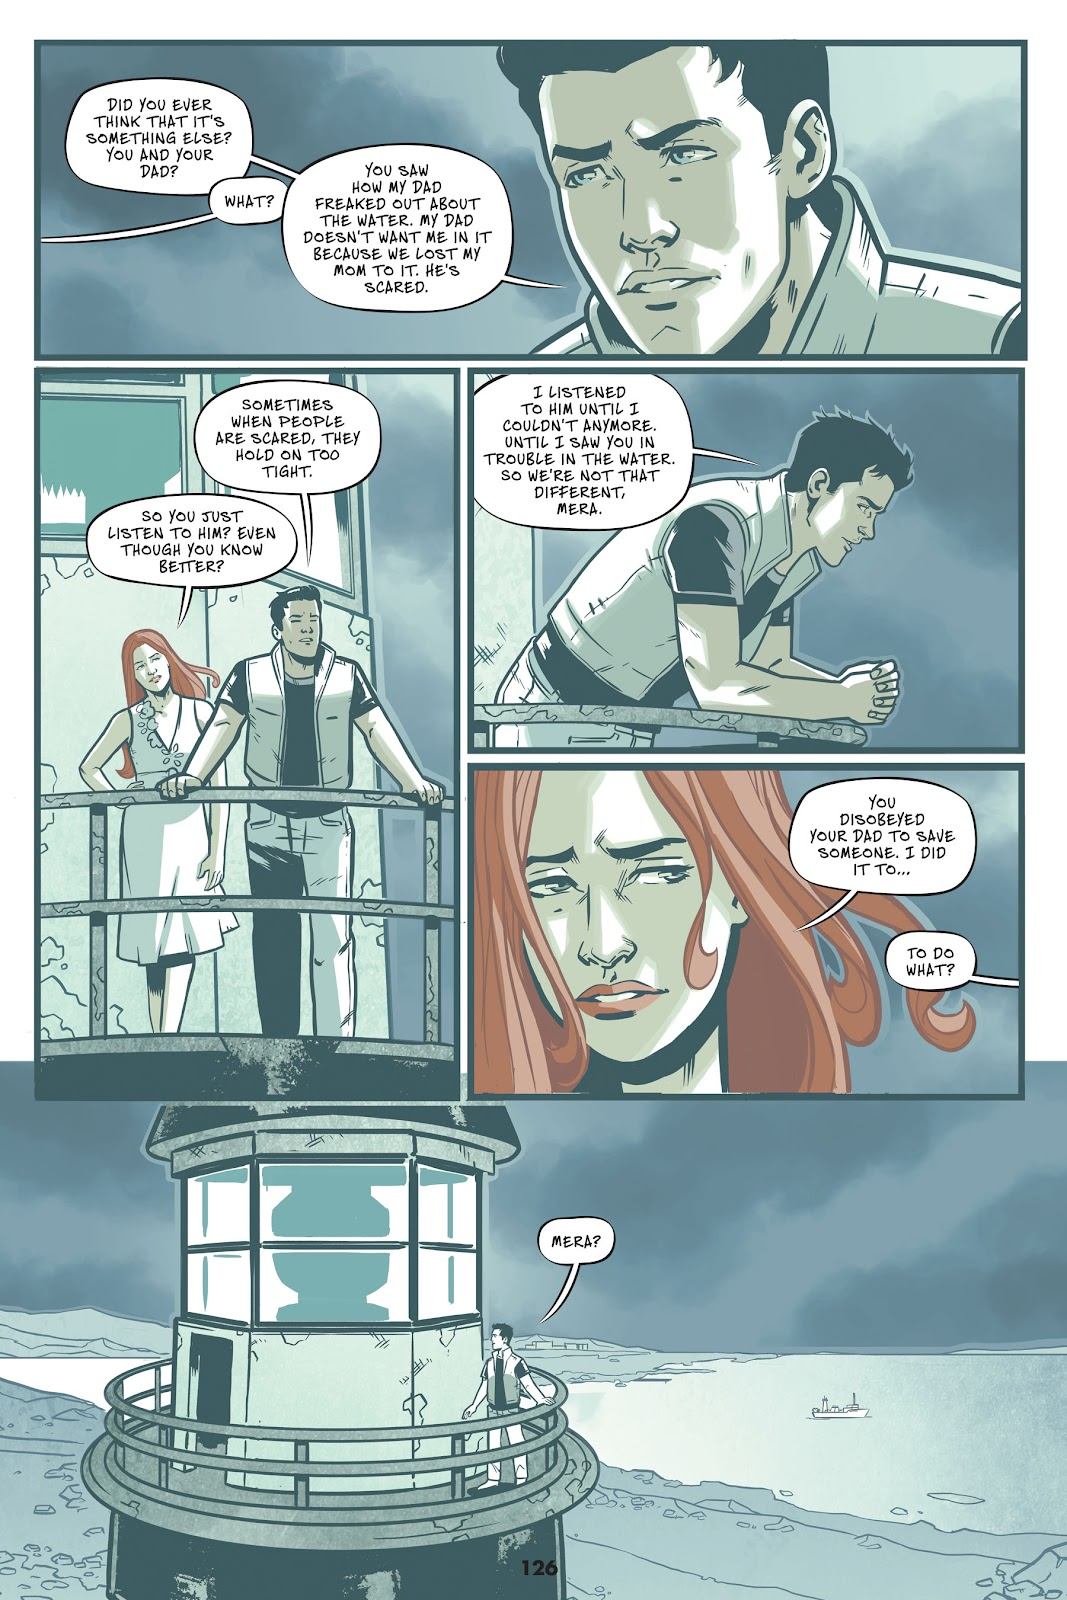 Read online Mera: Tidebreaker comic -  Issue # TPB (Part 2) - 26